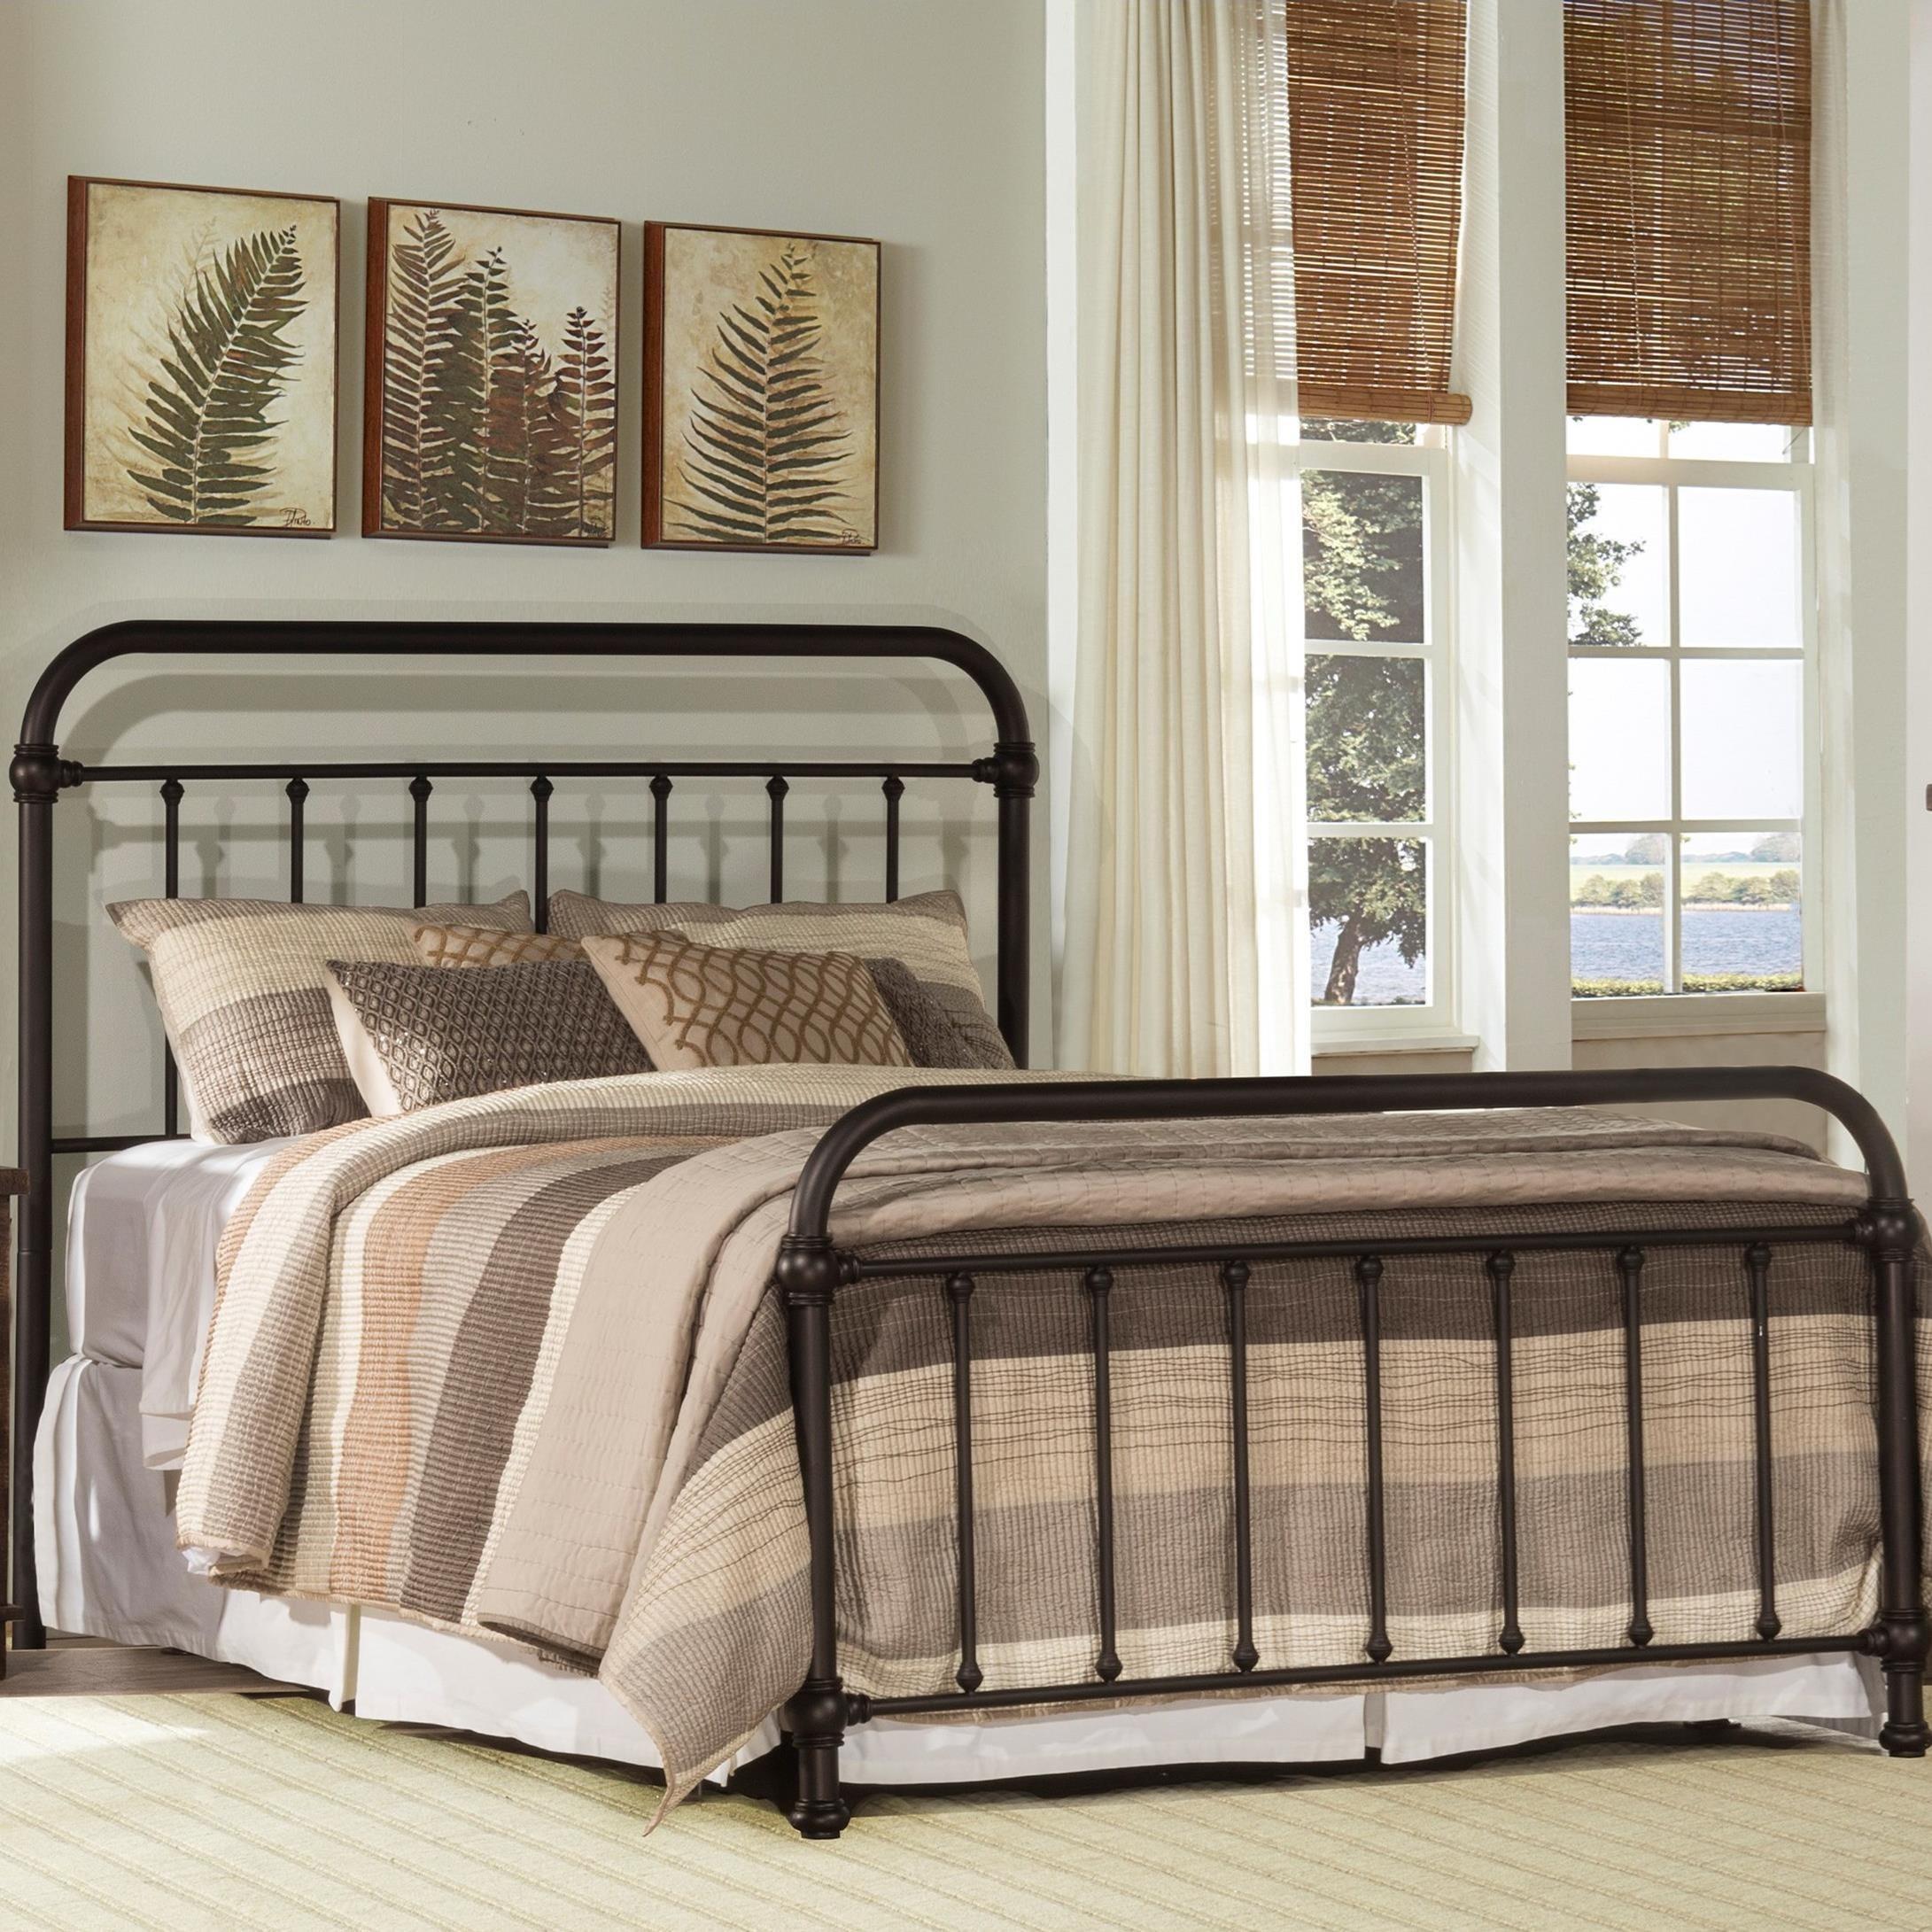 Hillsdale Metal Beds King Metal Bed - Item Number: 1863BKR